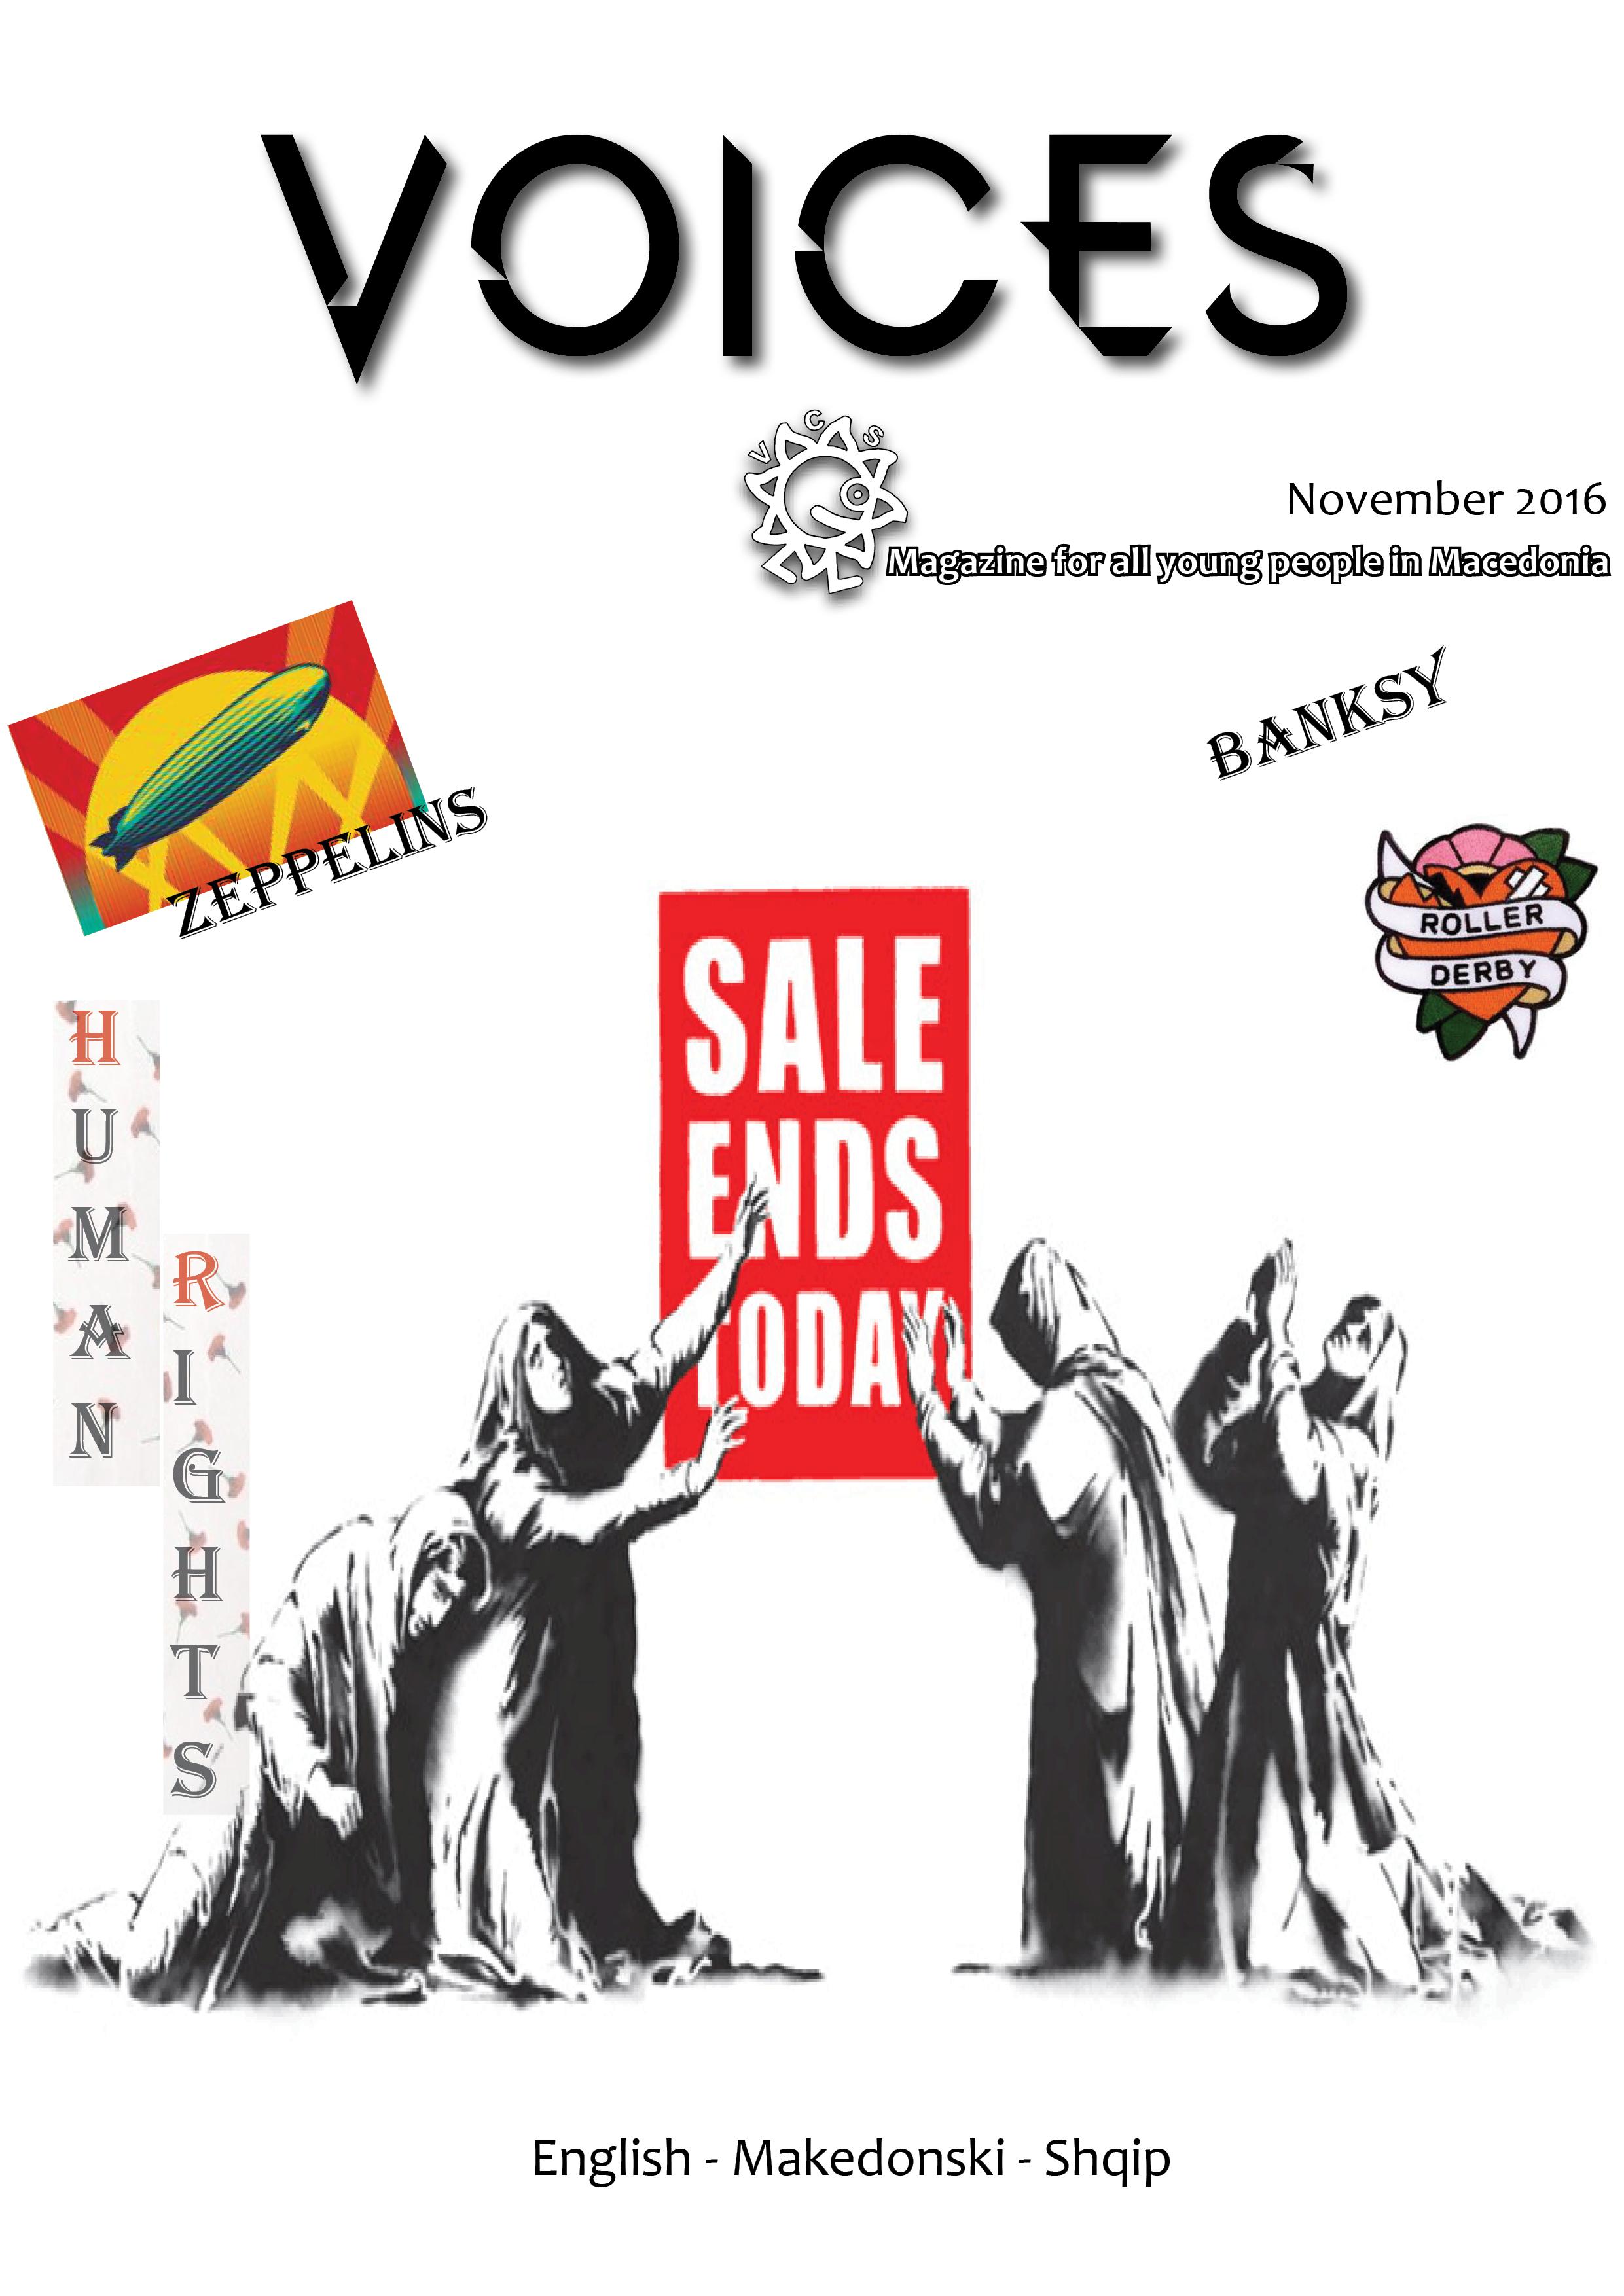 Voices November 2016